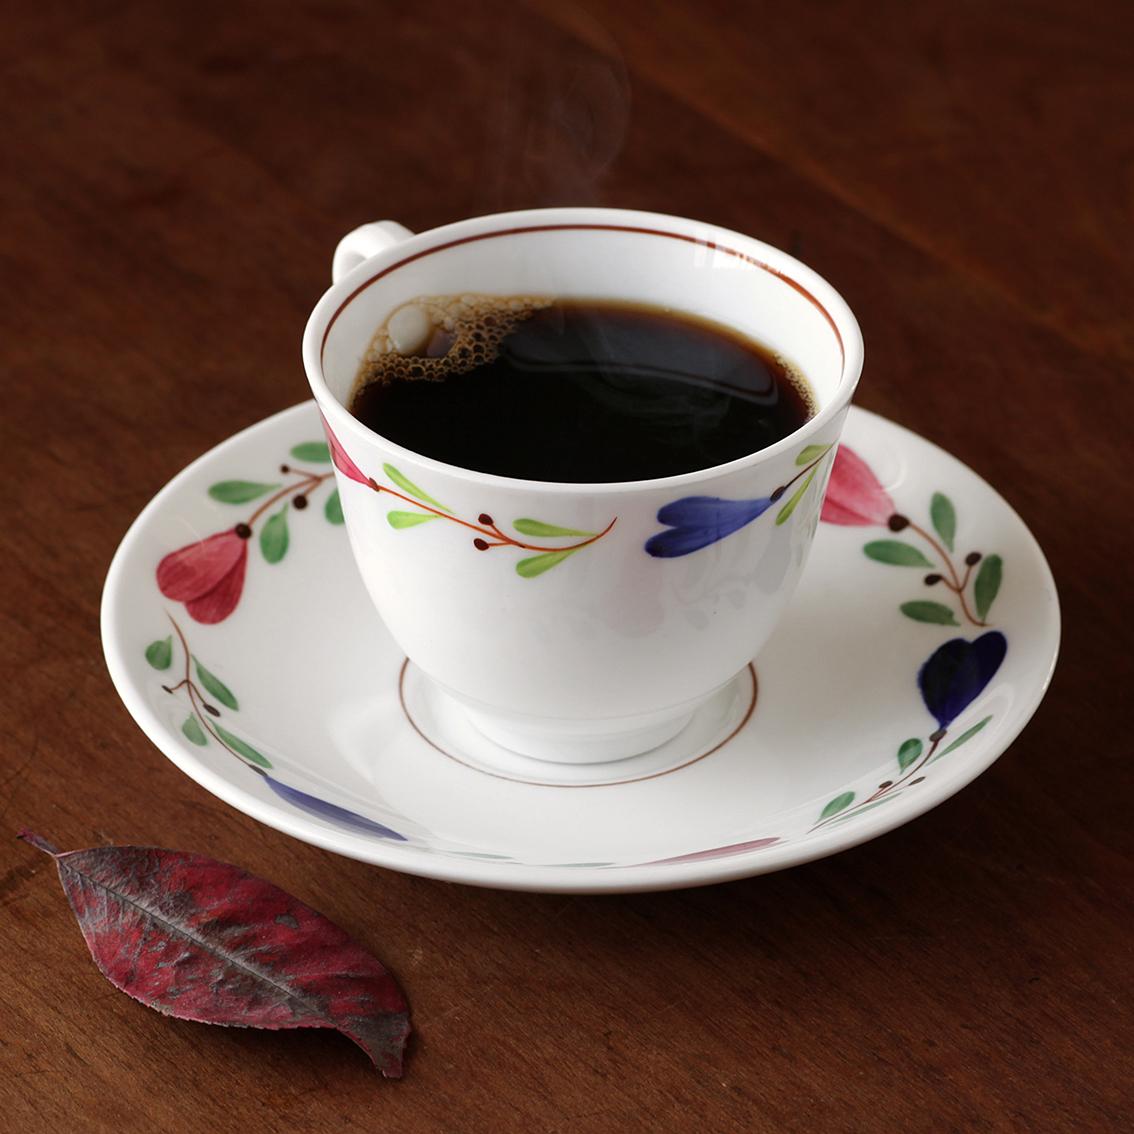 Gustavsberg グスタフスベリ Ranka ランカ コーヒーカップ&ソーサー(SGモデル) 北欧ヴィンテージ